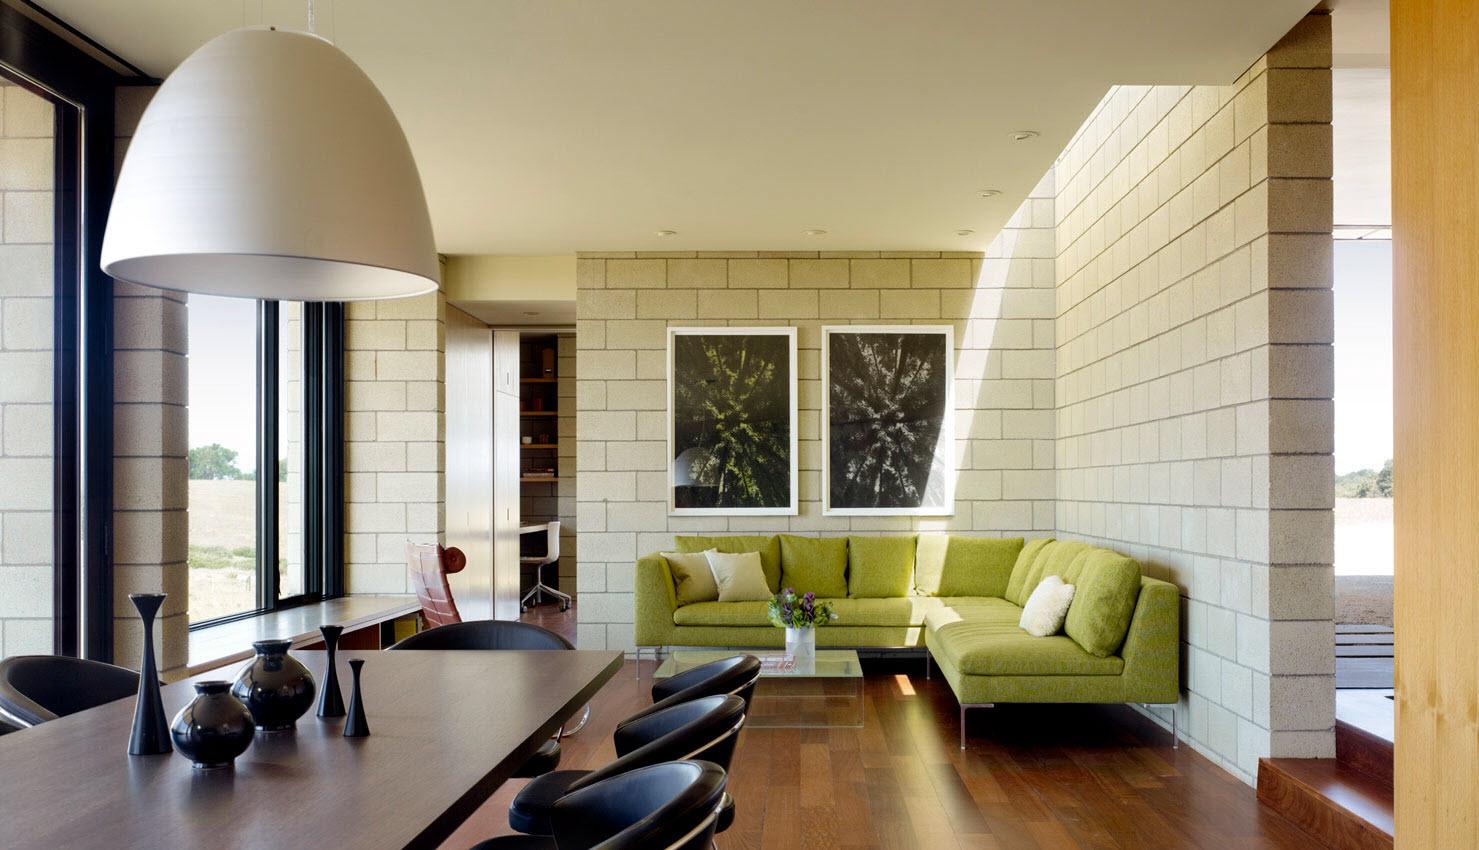 Dise o de casa moderna de un piso de ladrillo caravista for Diseno de pisos interiores